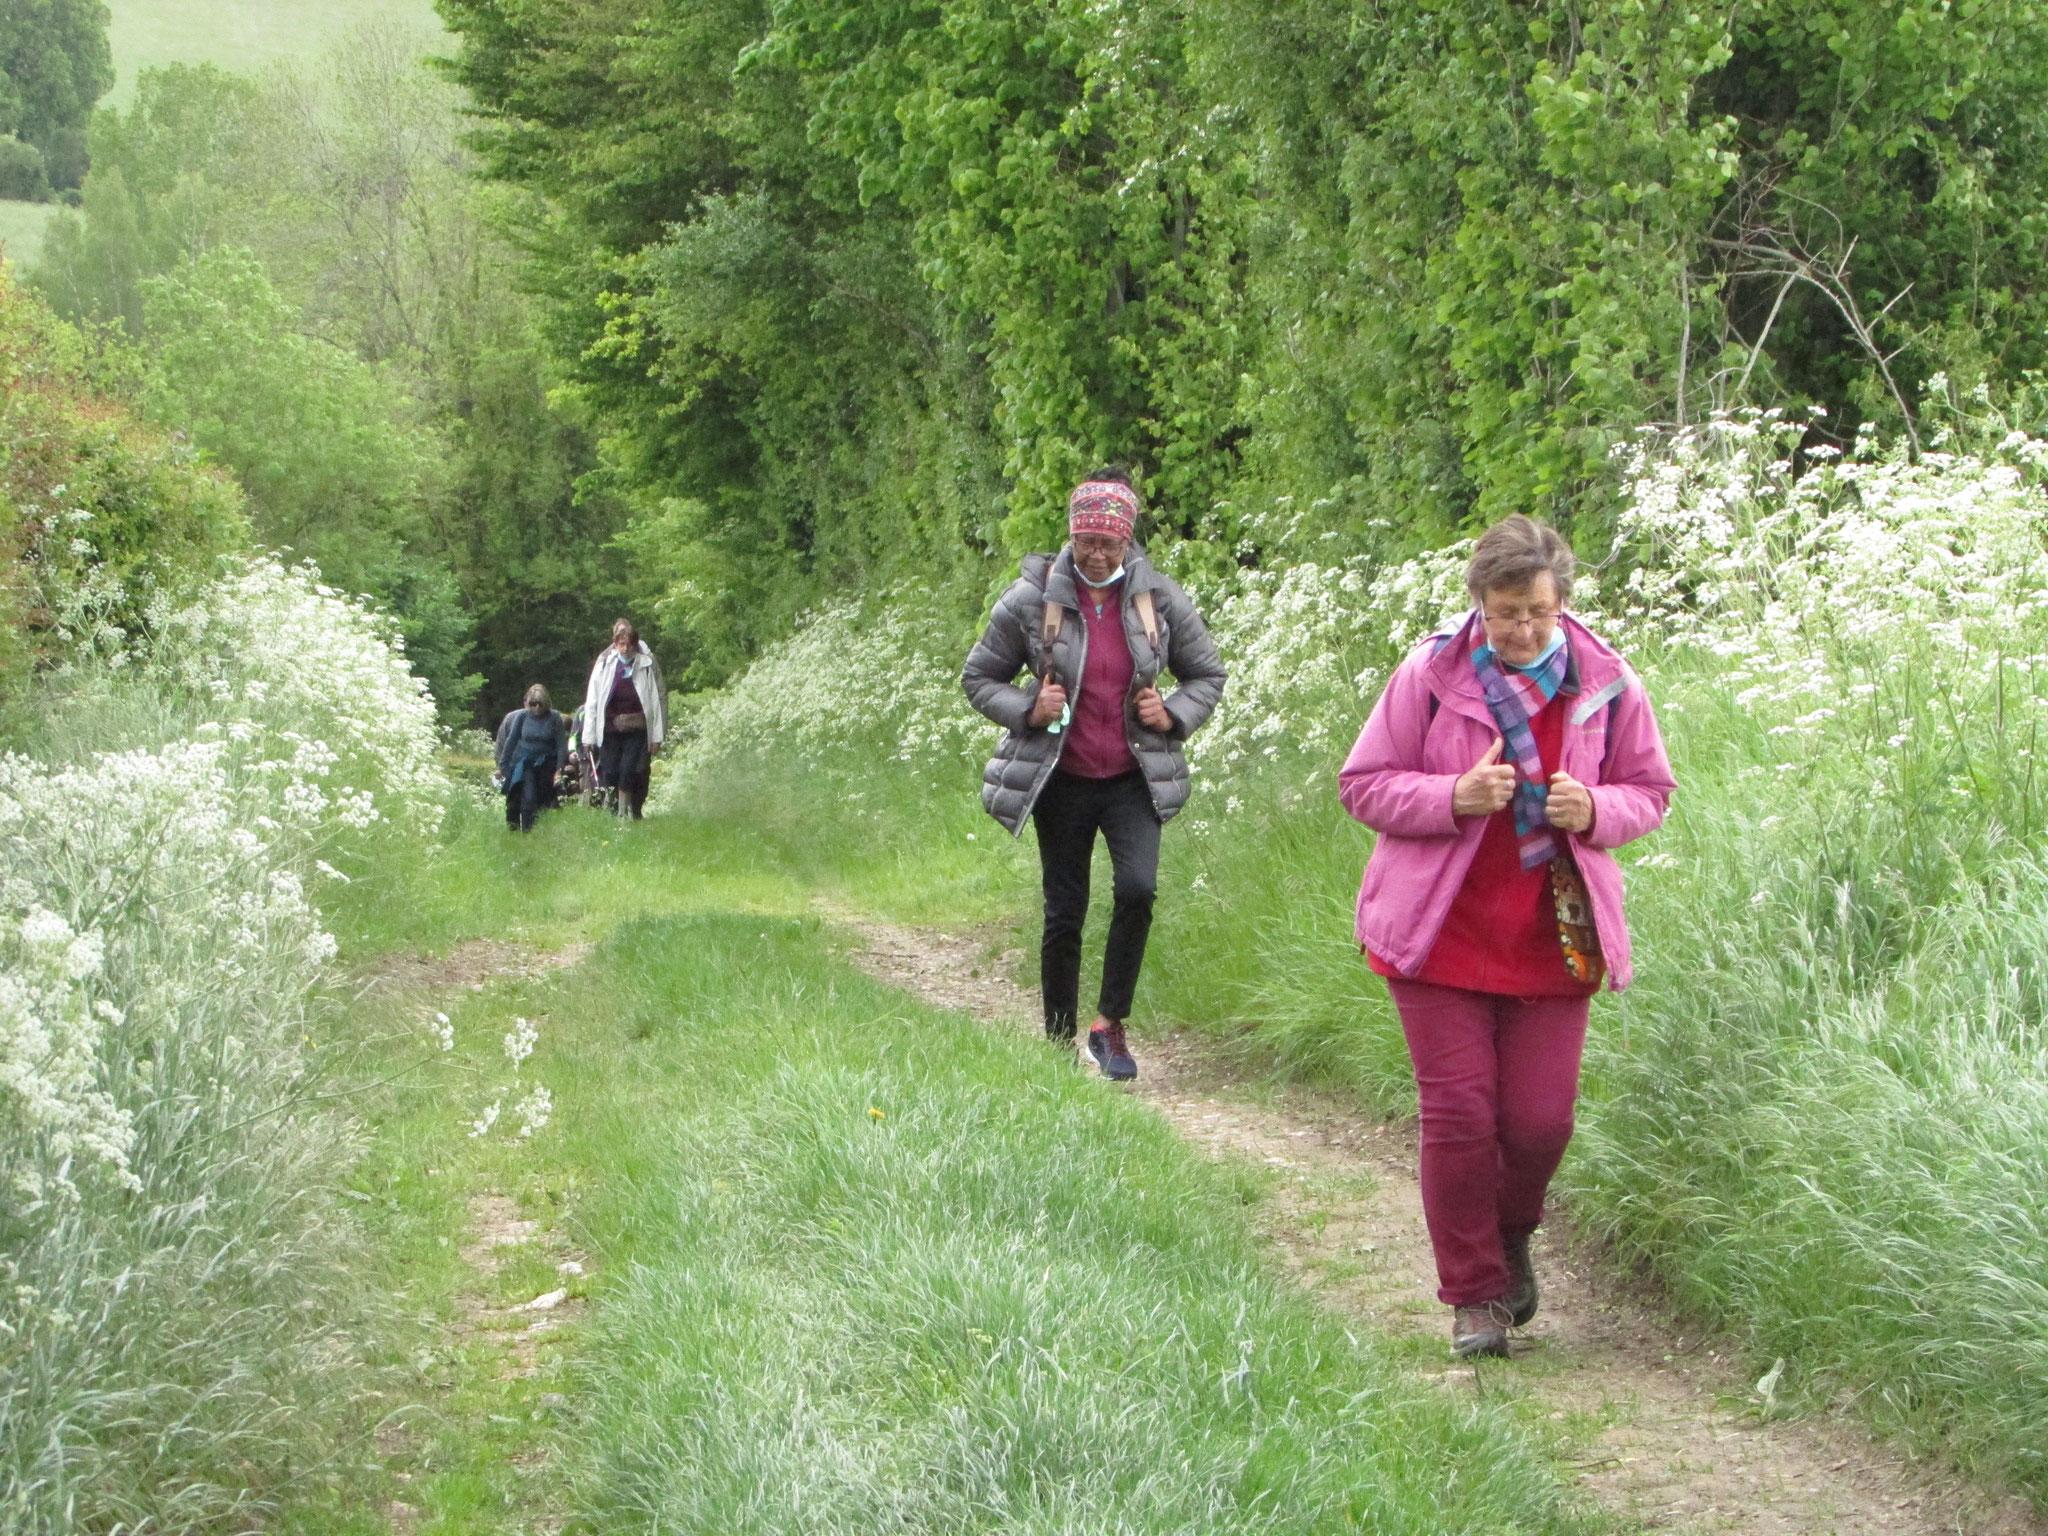 Randonnée nature autour de Morvillers mai 2021